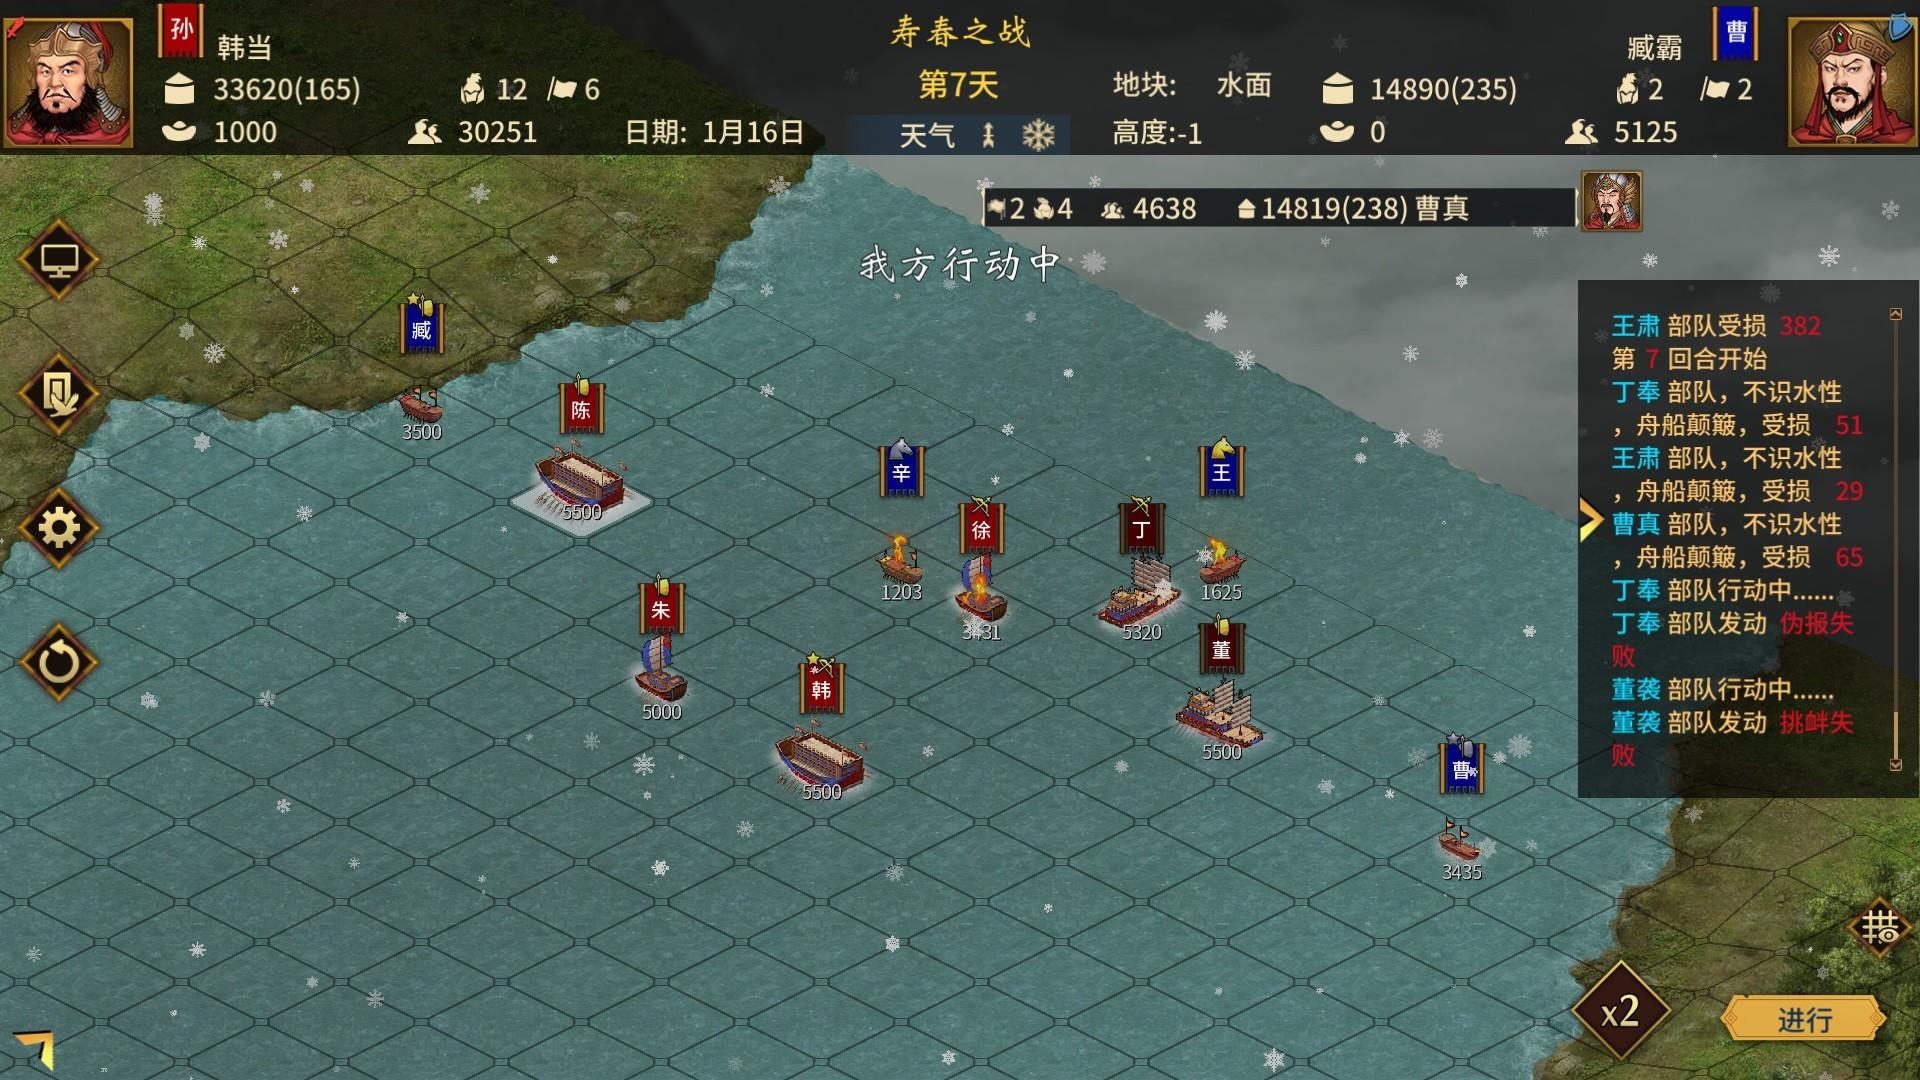 三国志:汉末霸业(V1.0.02402集成全DLCs)插图33